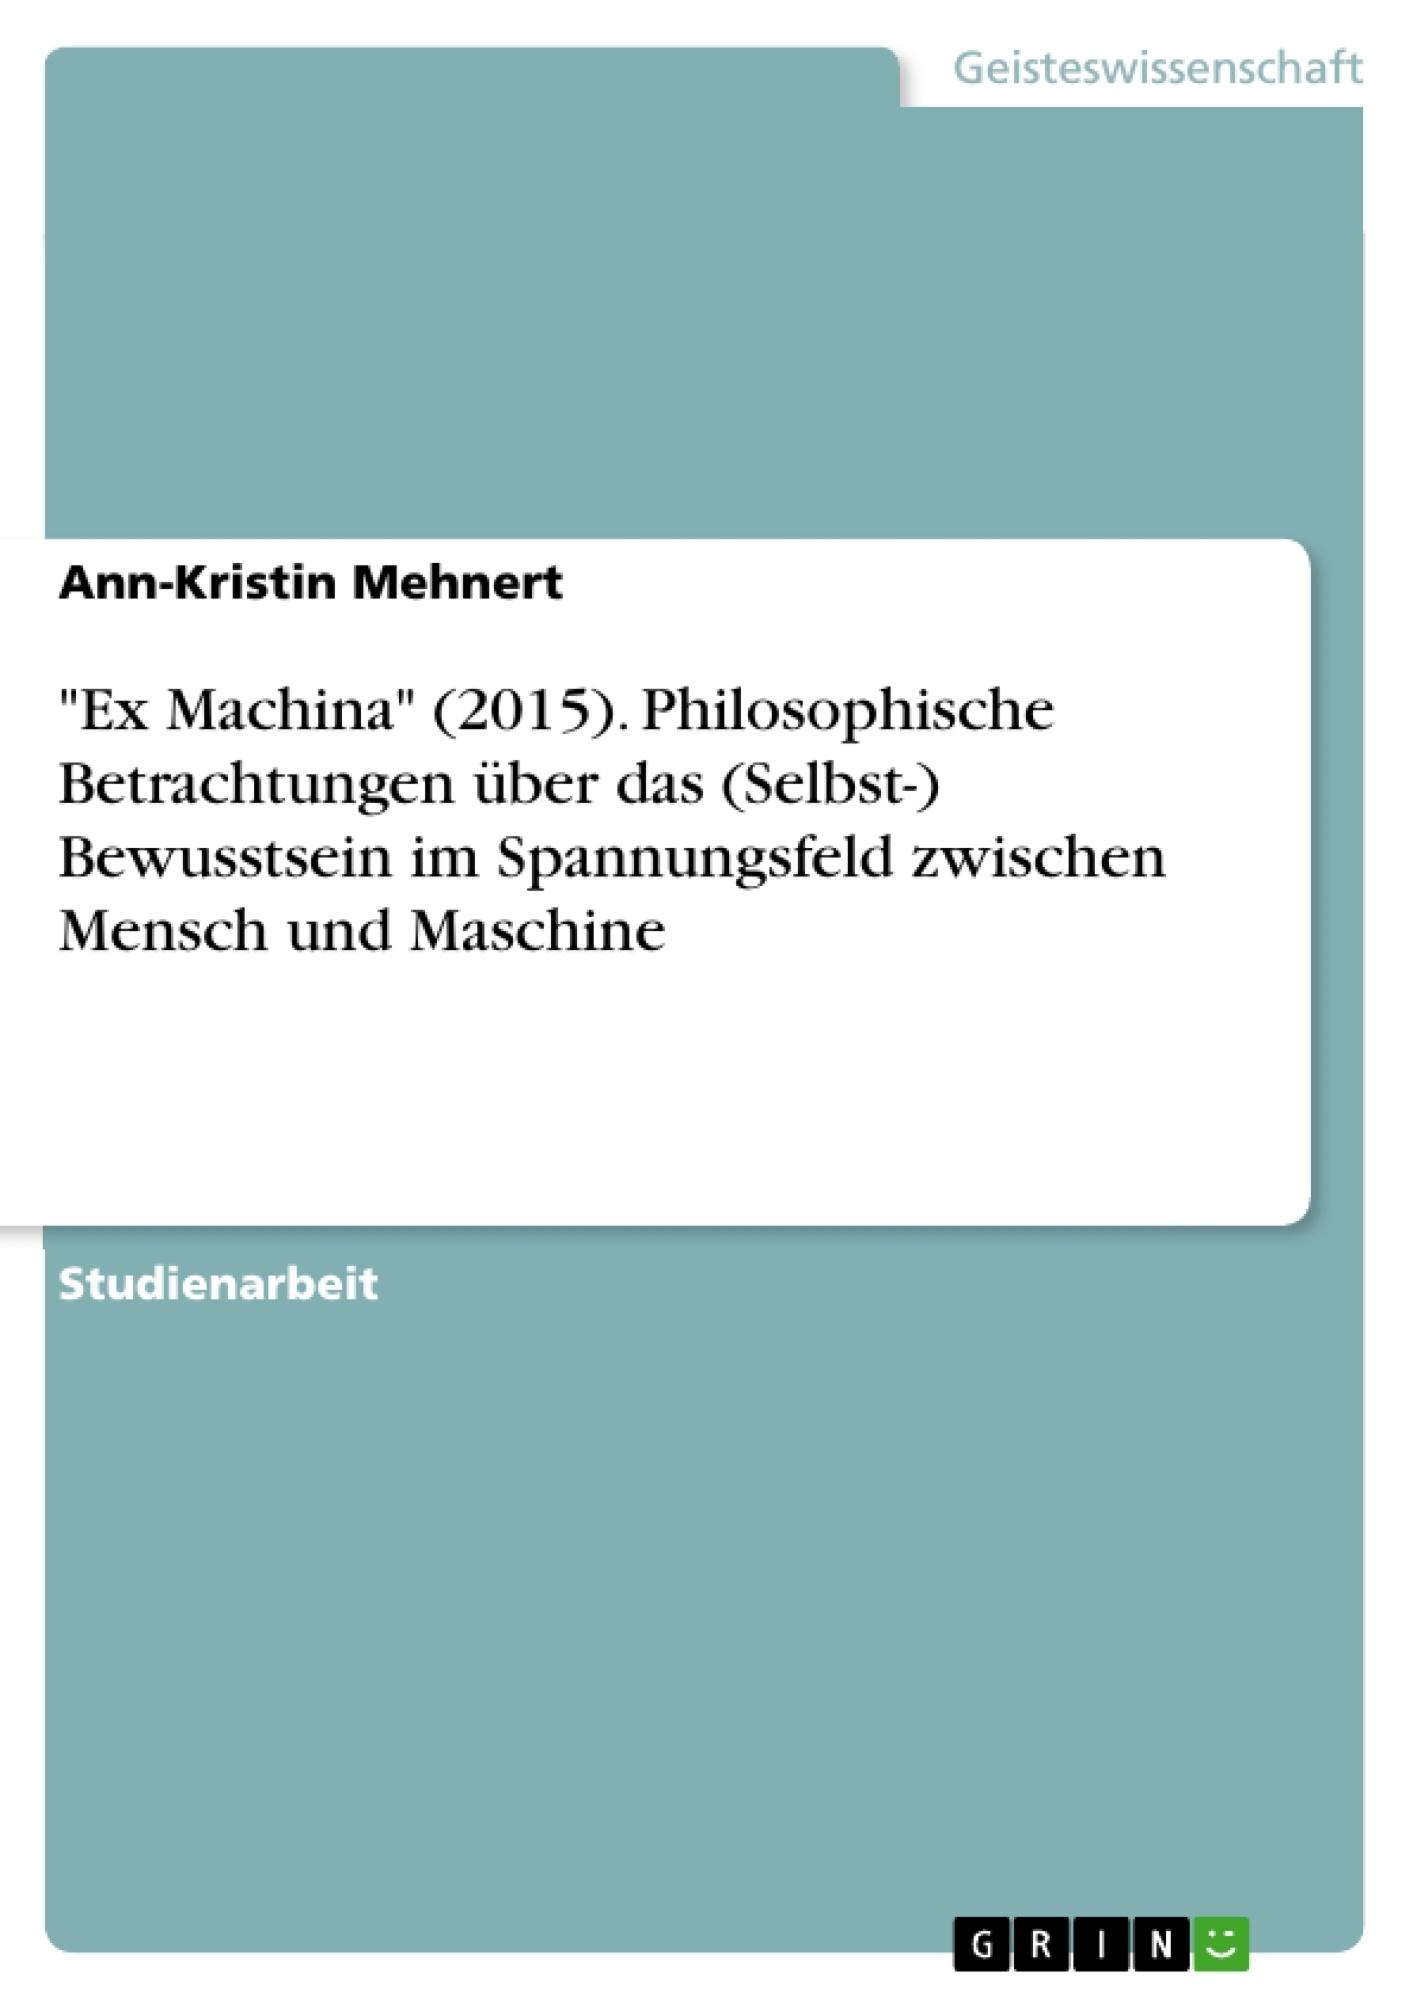 """Titel: """"Ex Machina"""" (2015). Philosophische Betrachtungen über das (Selbst-) Bewusstsein im Spannungsfeld zwischen Mensch und Maschine"""